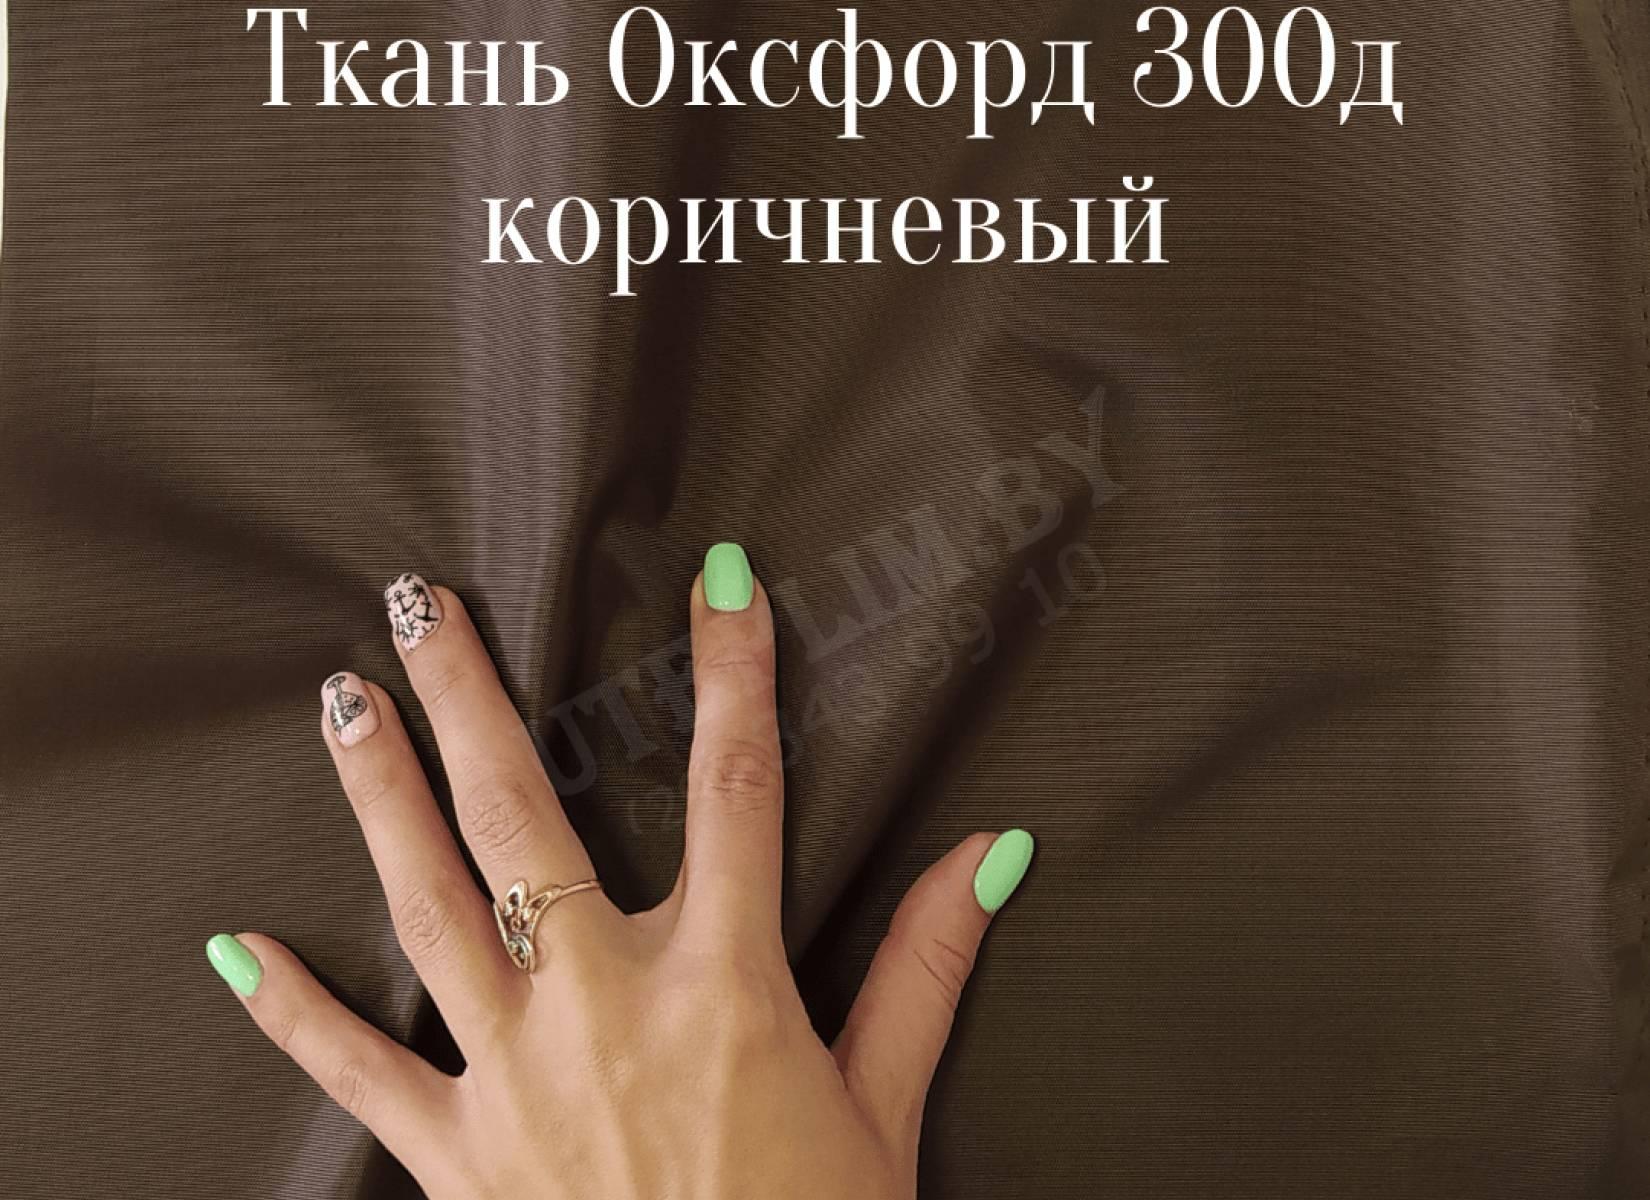 300д - коричневый